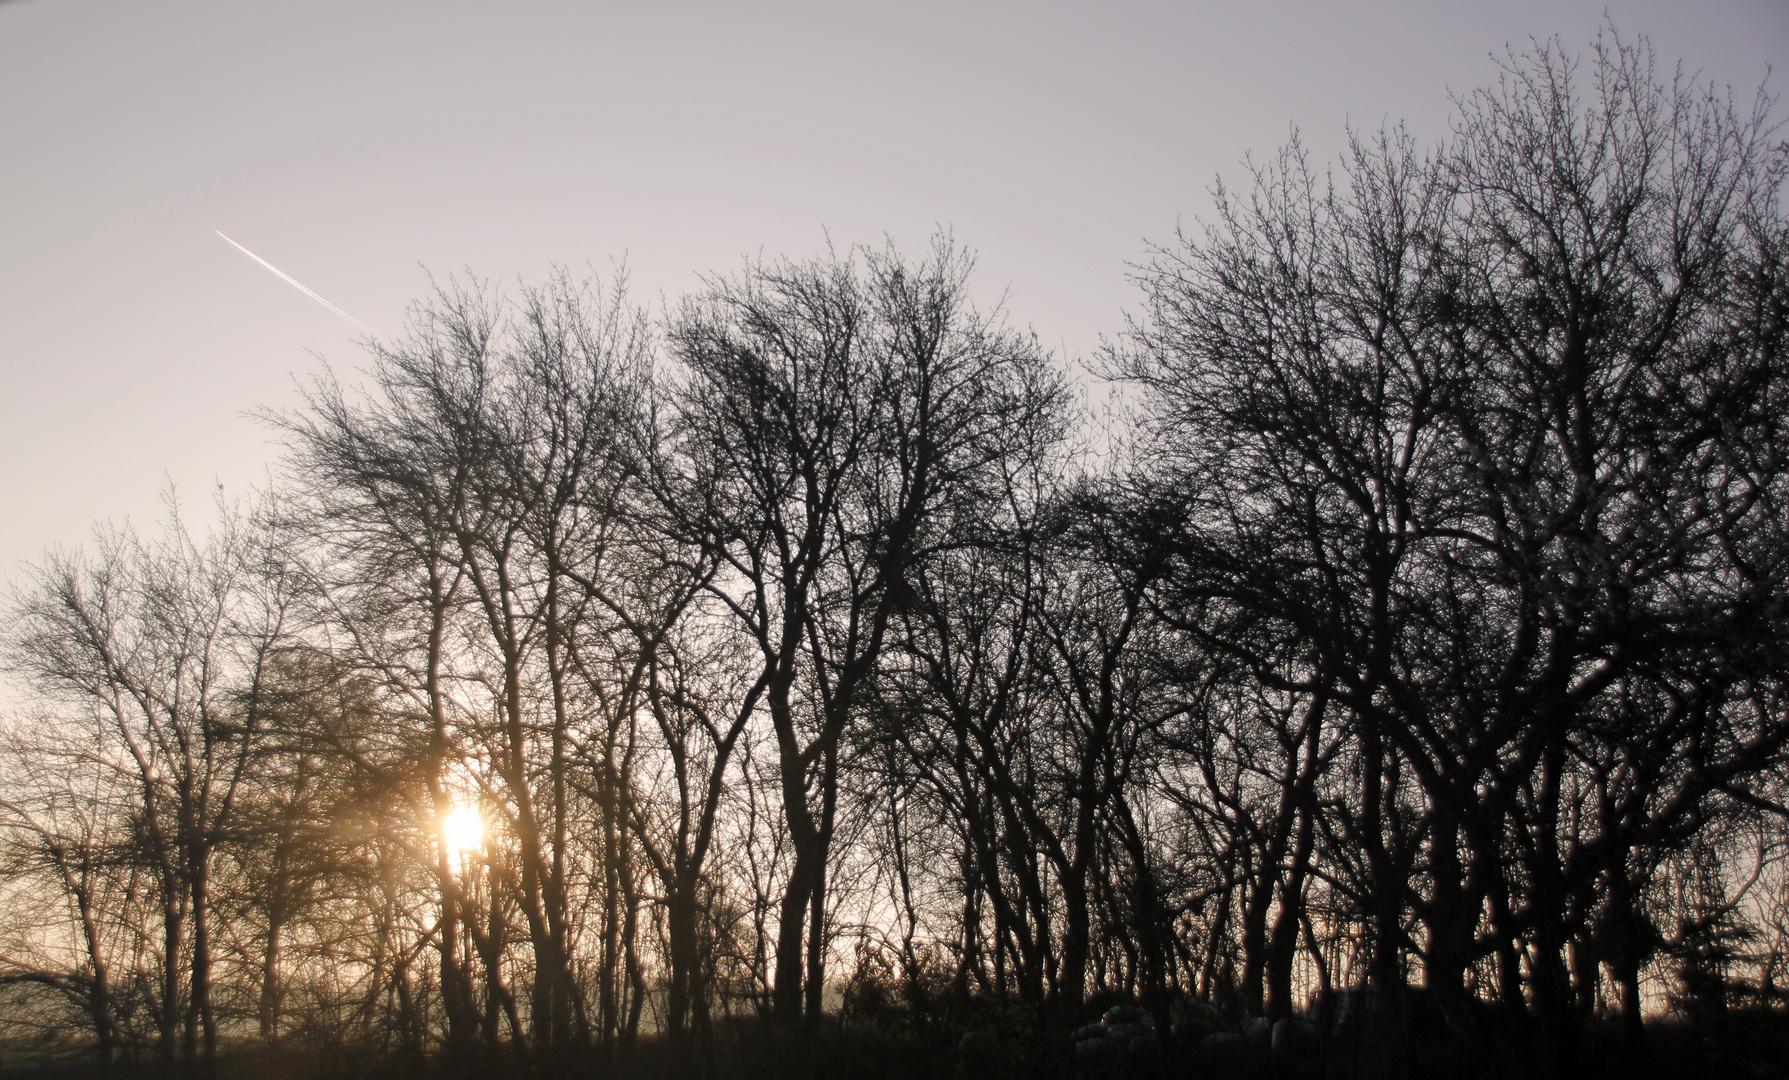 Sonnenaufgang in Strempt